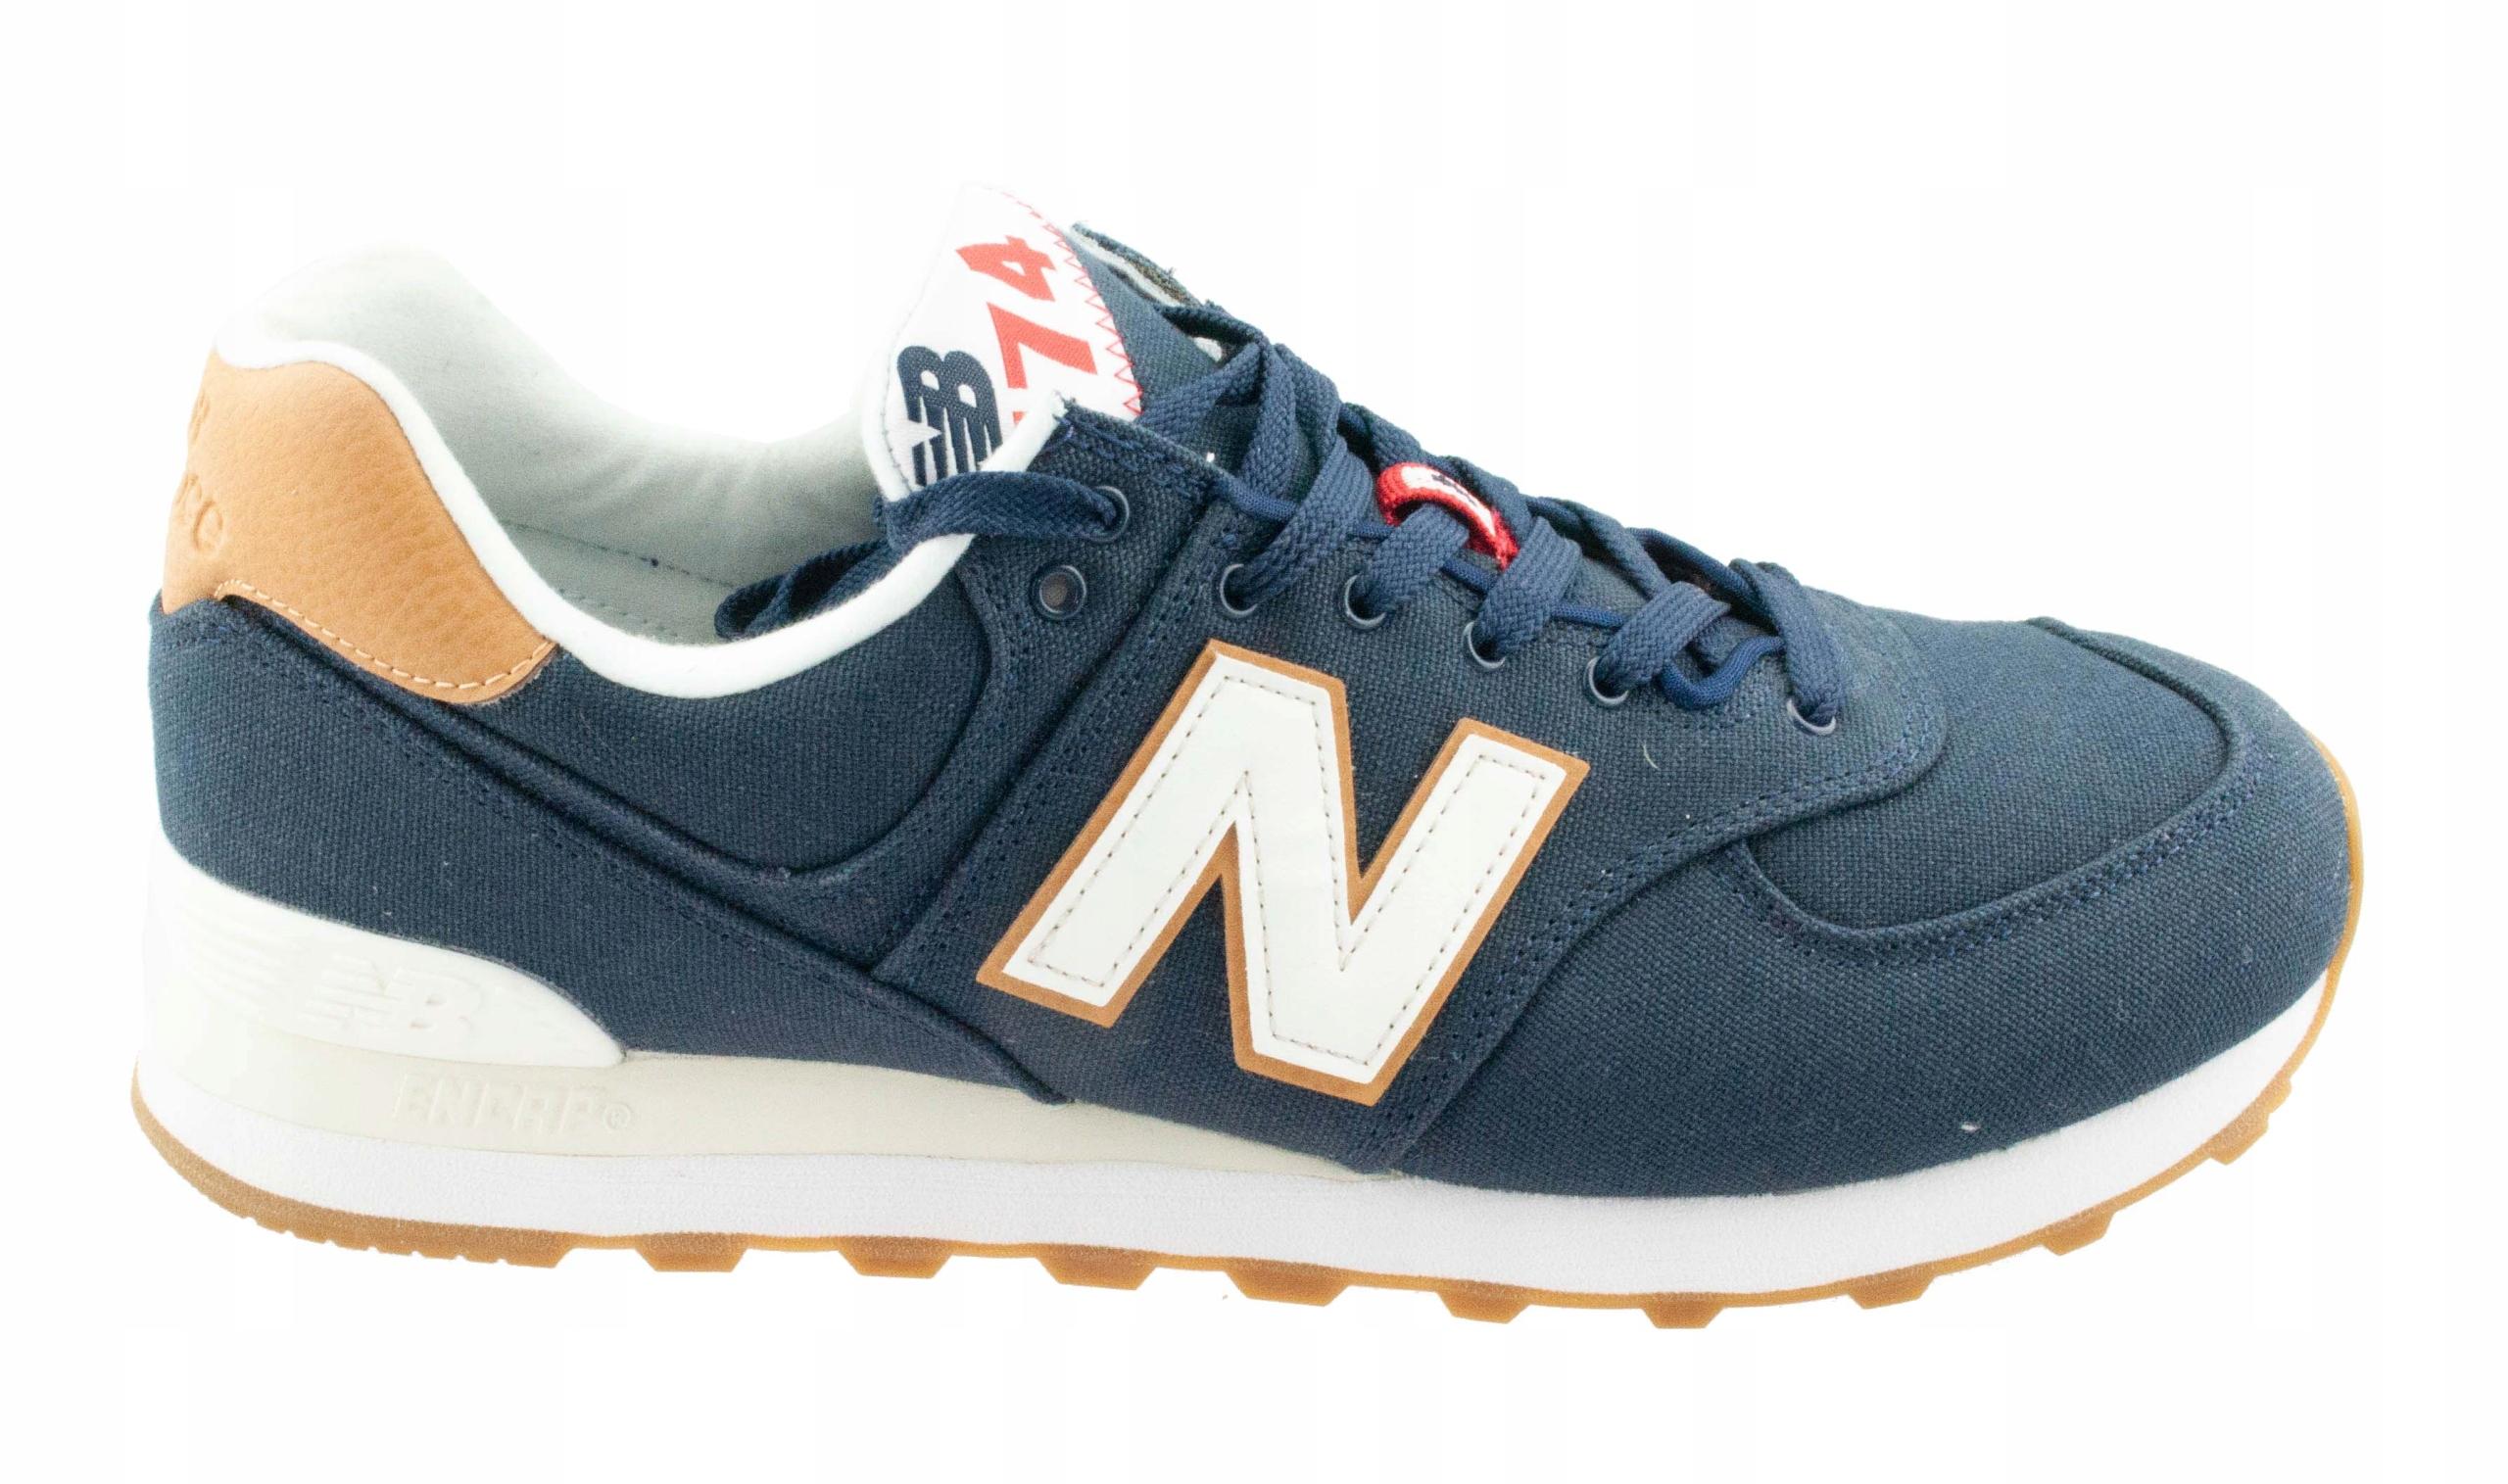 4217c4189db4e7 New Balance ML574 - Sneakersy r.43.5/44.5 - 7684749592 - oficjalne ...